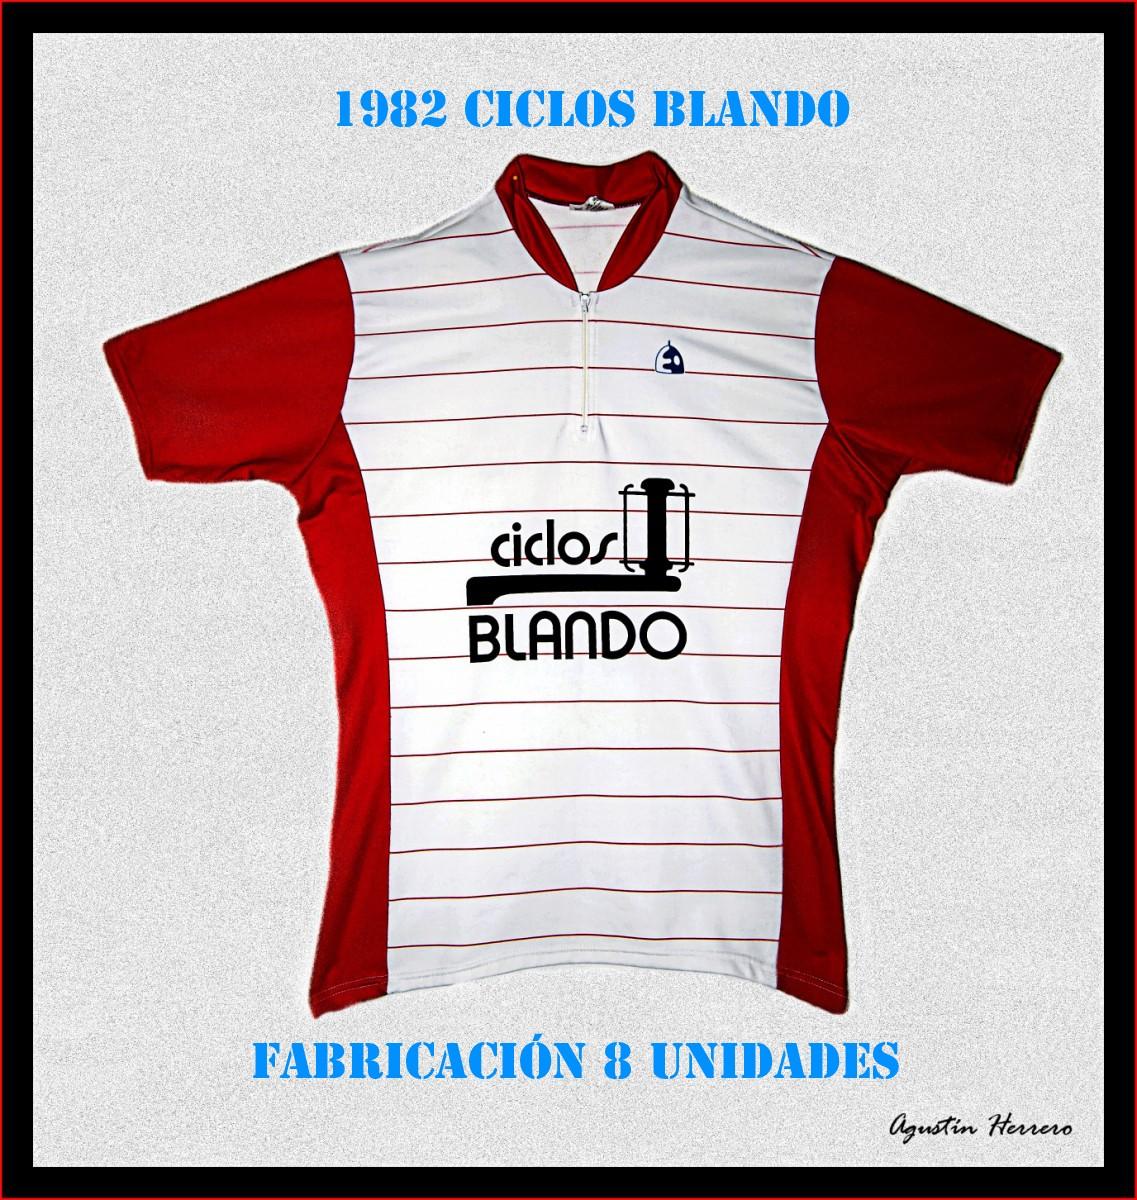 maillot-ciclos-blando-1982